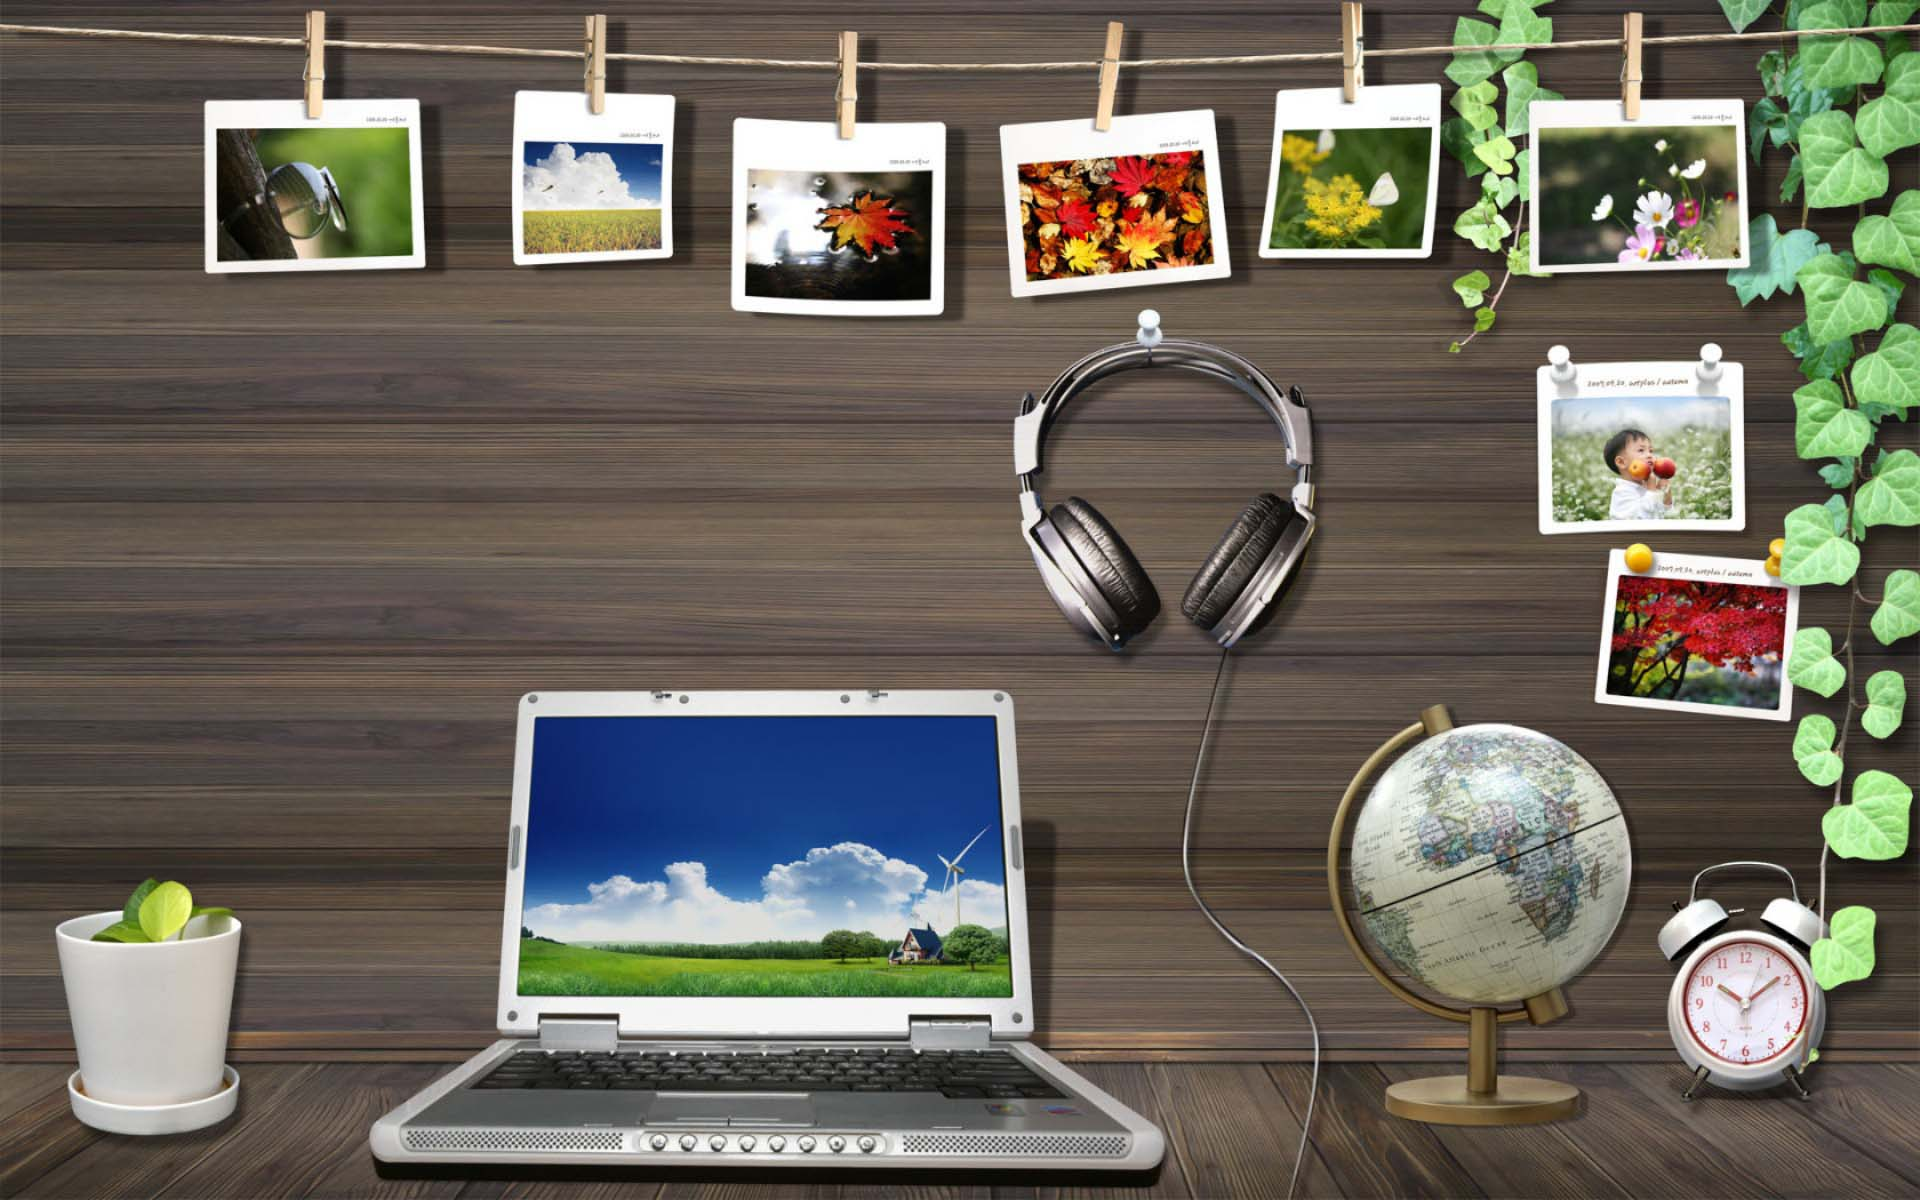 69 Wallpaper Laptop Free On Wallpapersafari